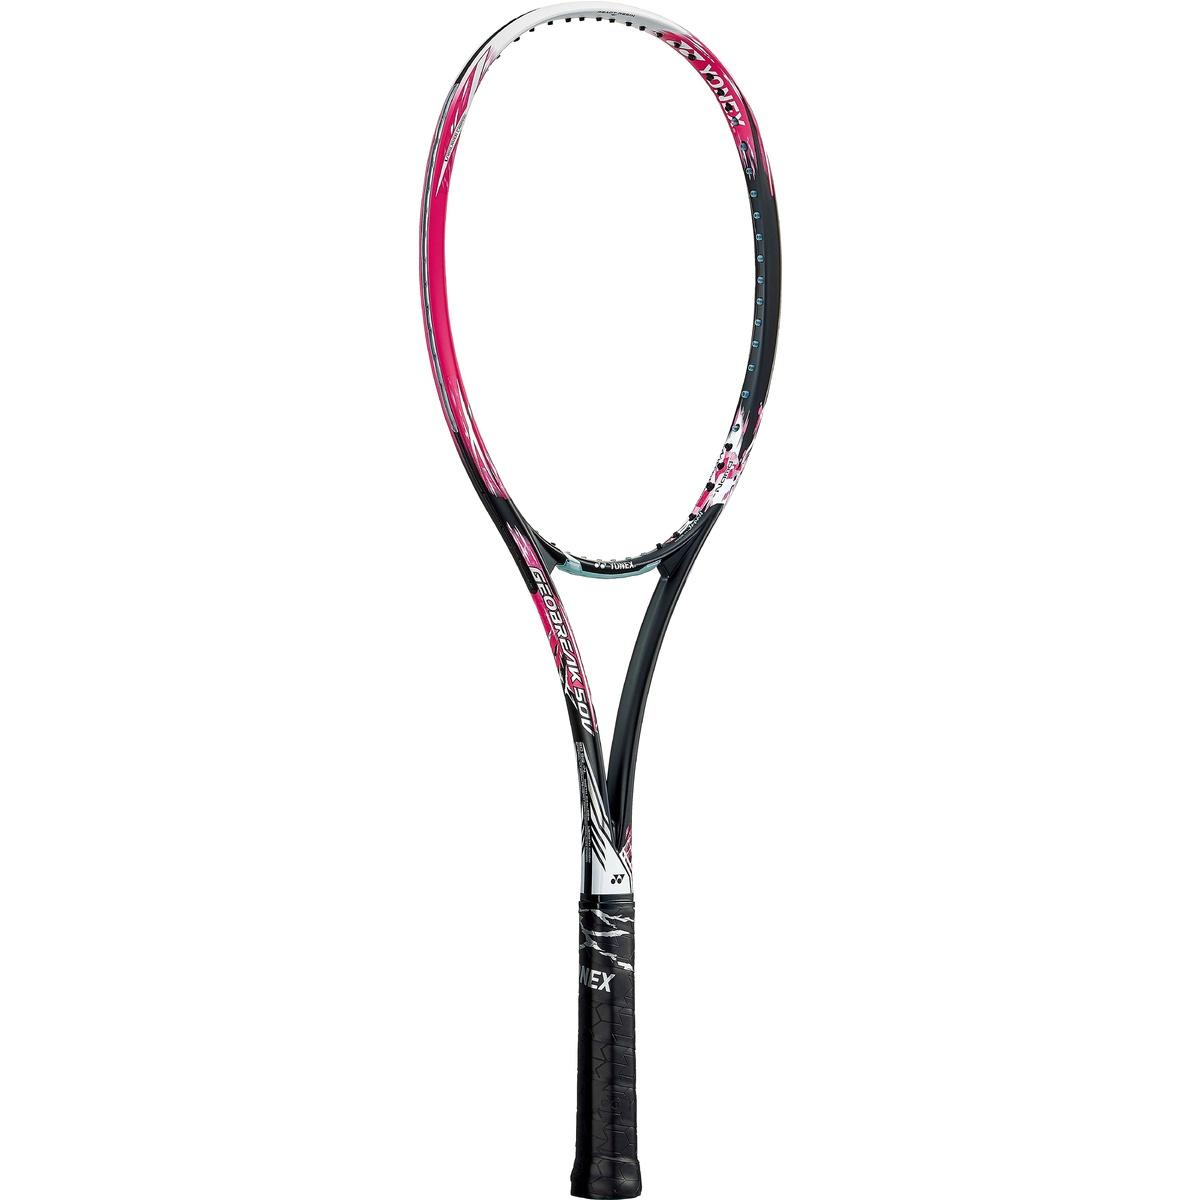 【送料無料】 YONEX (ヨネックス) 【フレームのみ】ソフトテニス フレームラケット ジオブレイク50V GEO50V  604